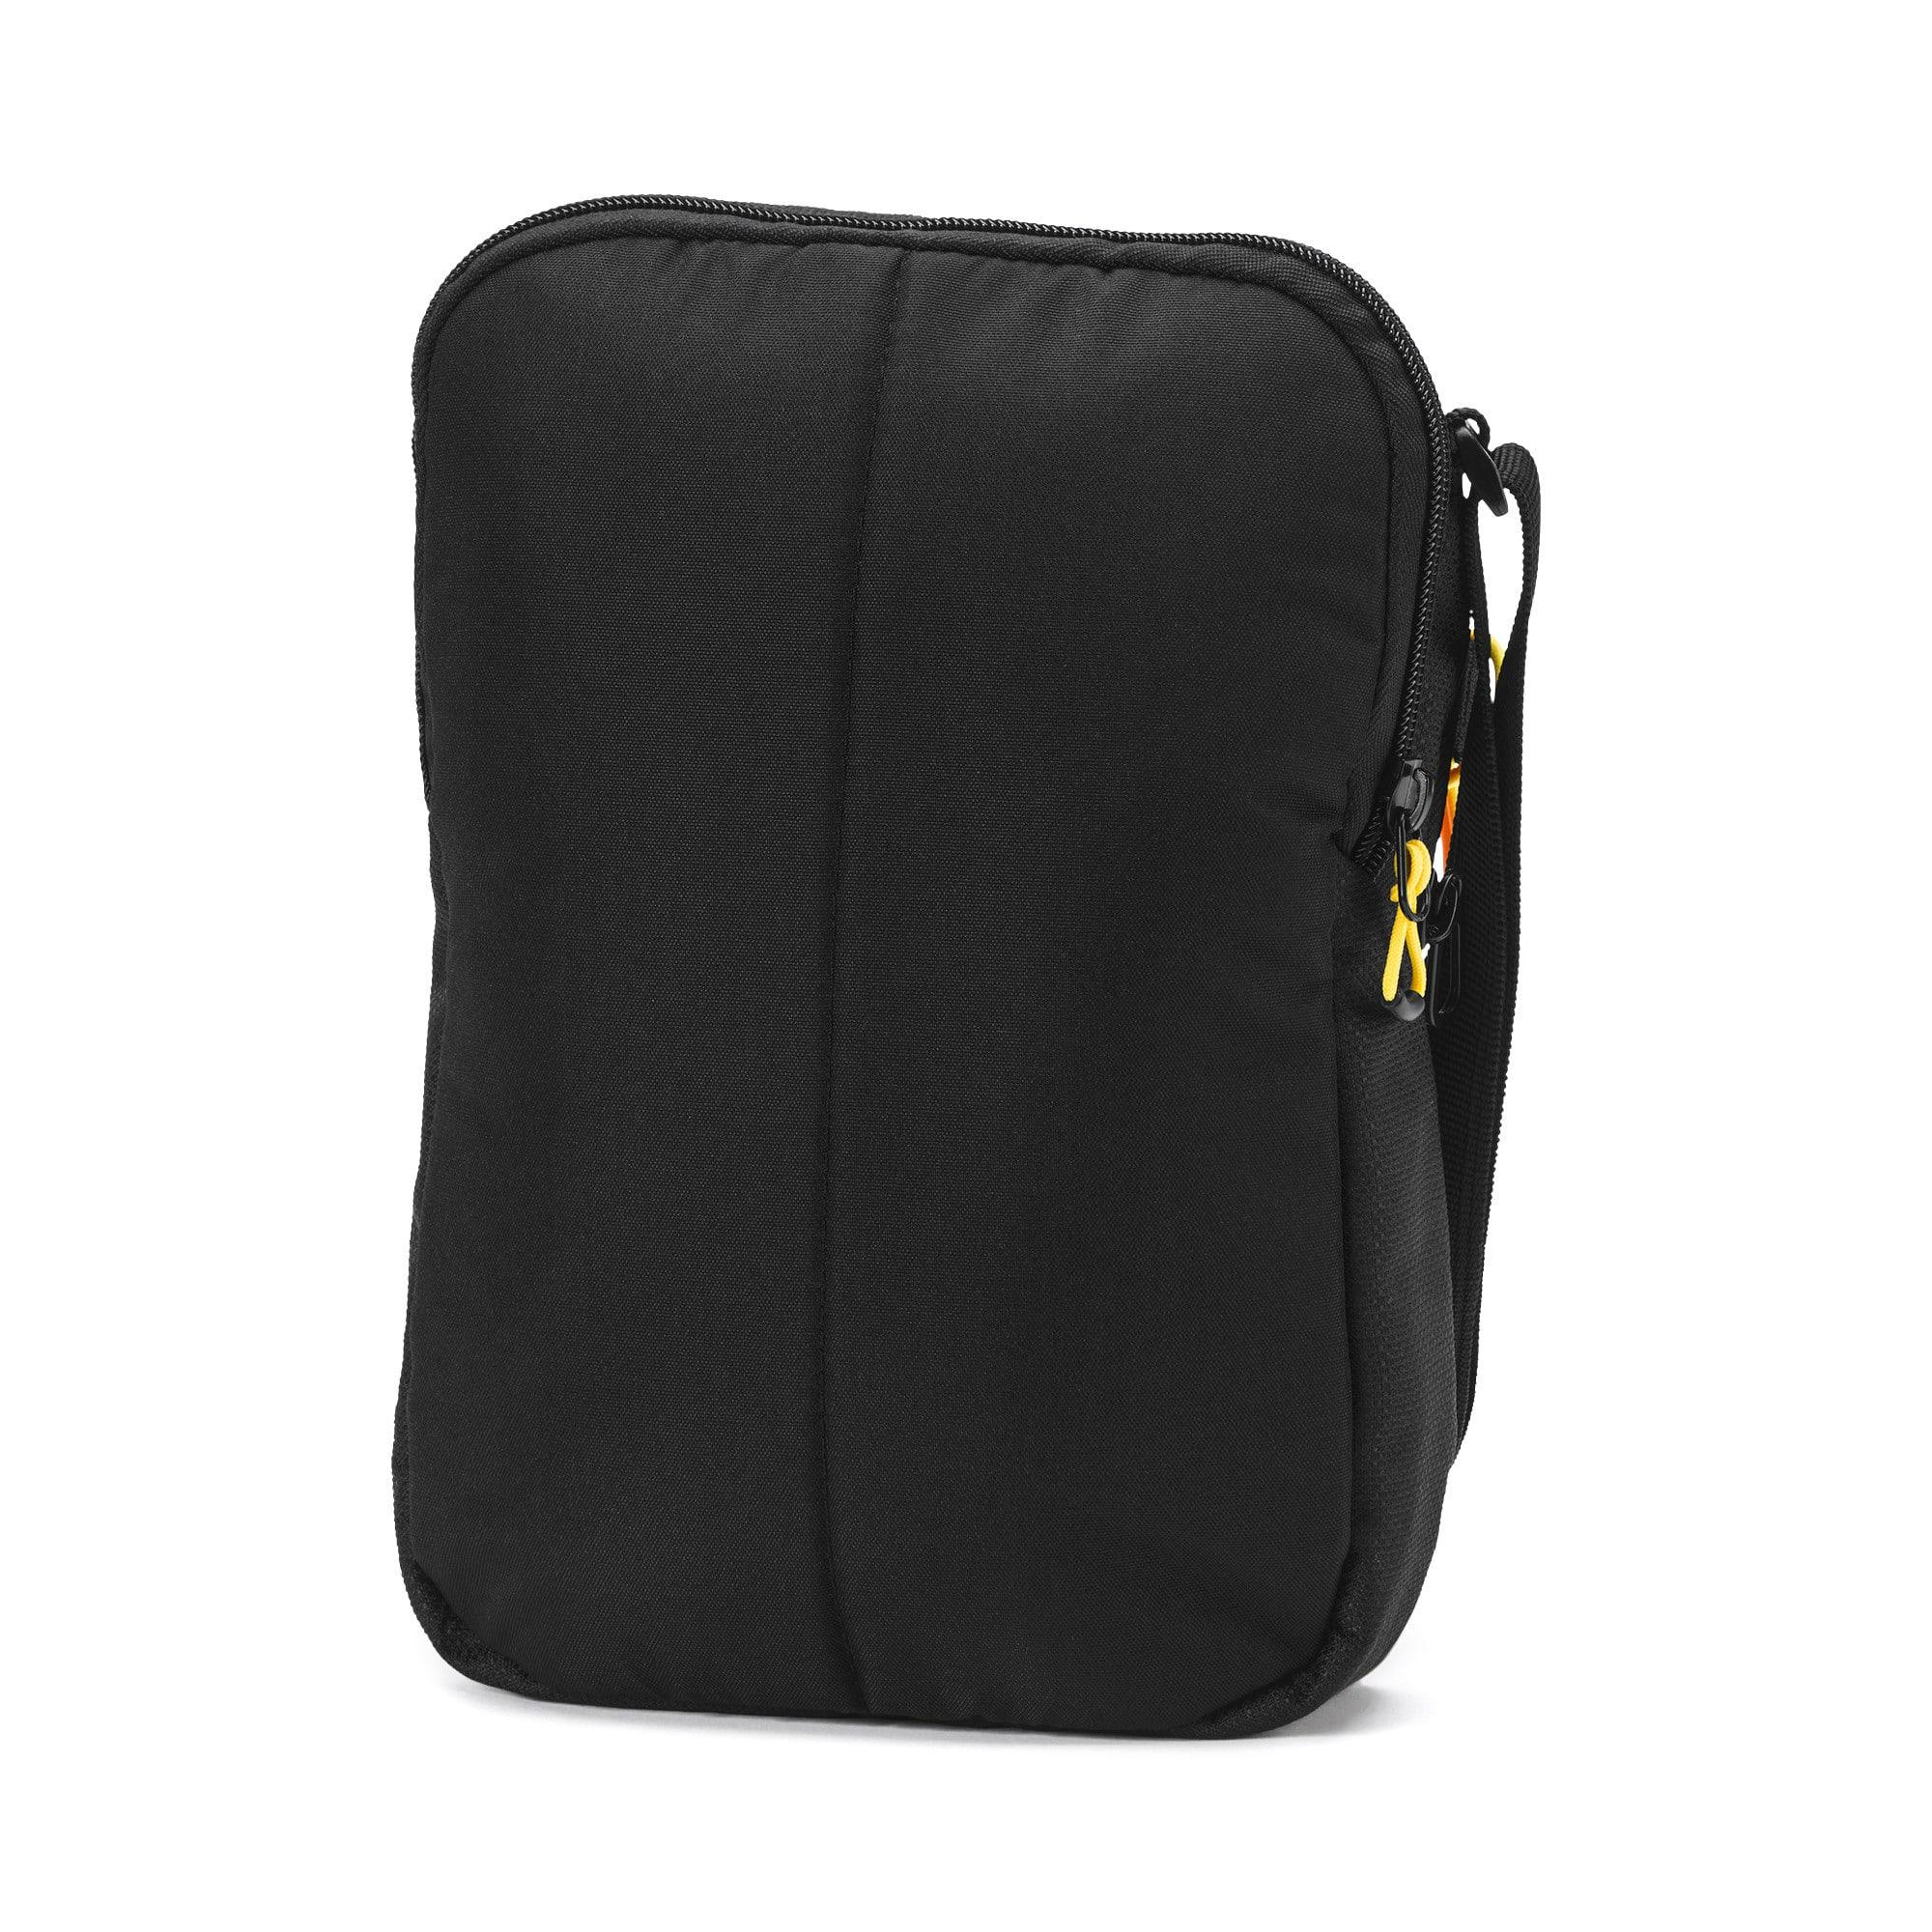 Thumbnail 2 of PUMA x Ferrari Fanware Portable Shoulder Bag, Puma Black, medium-IND